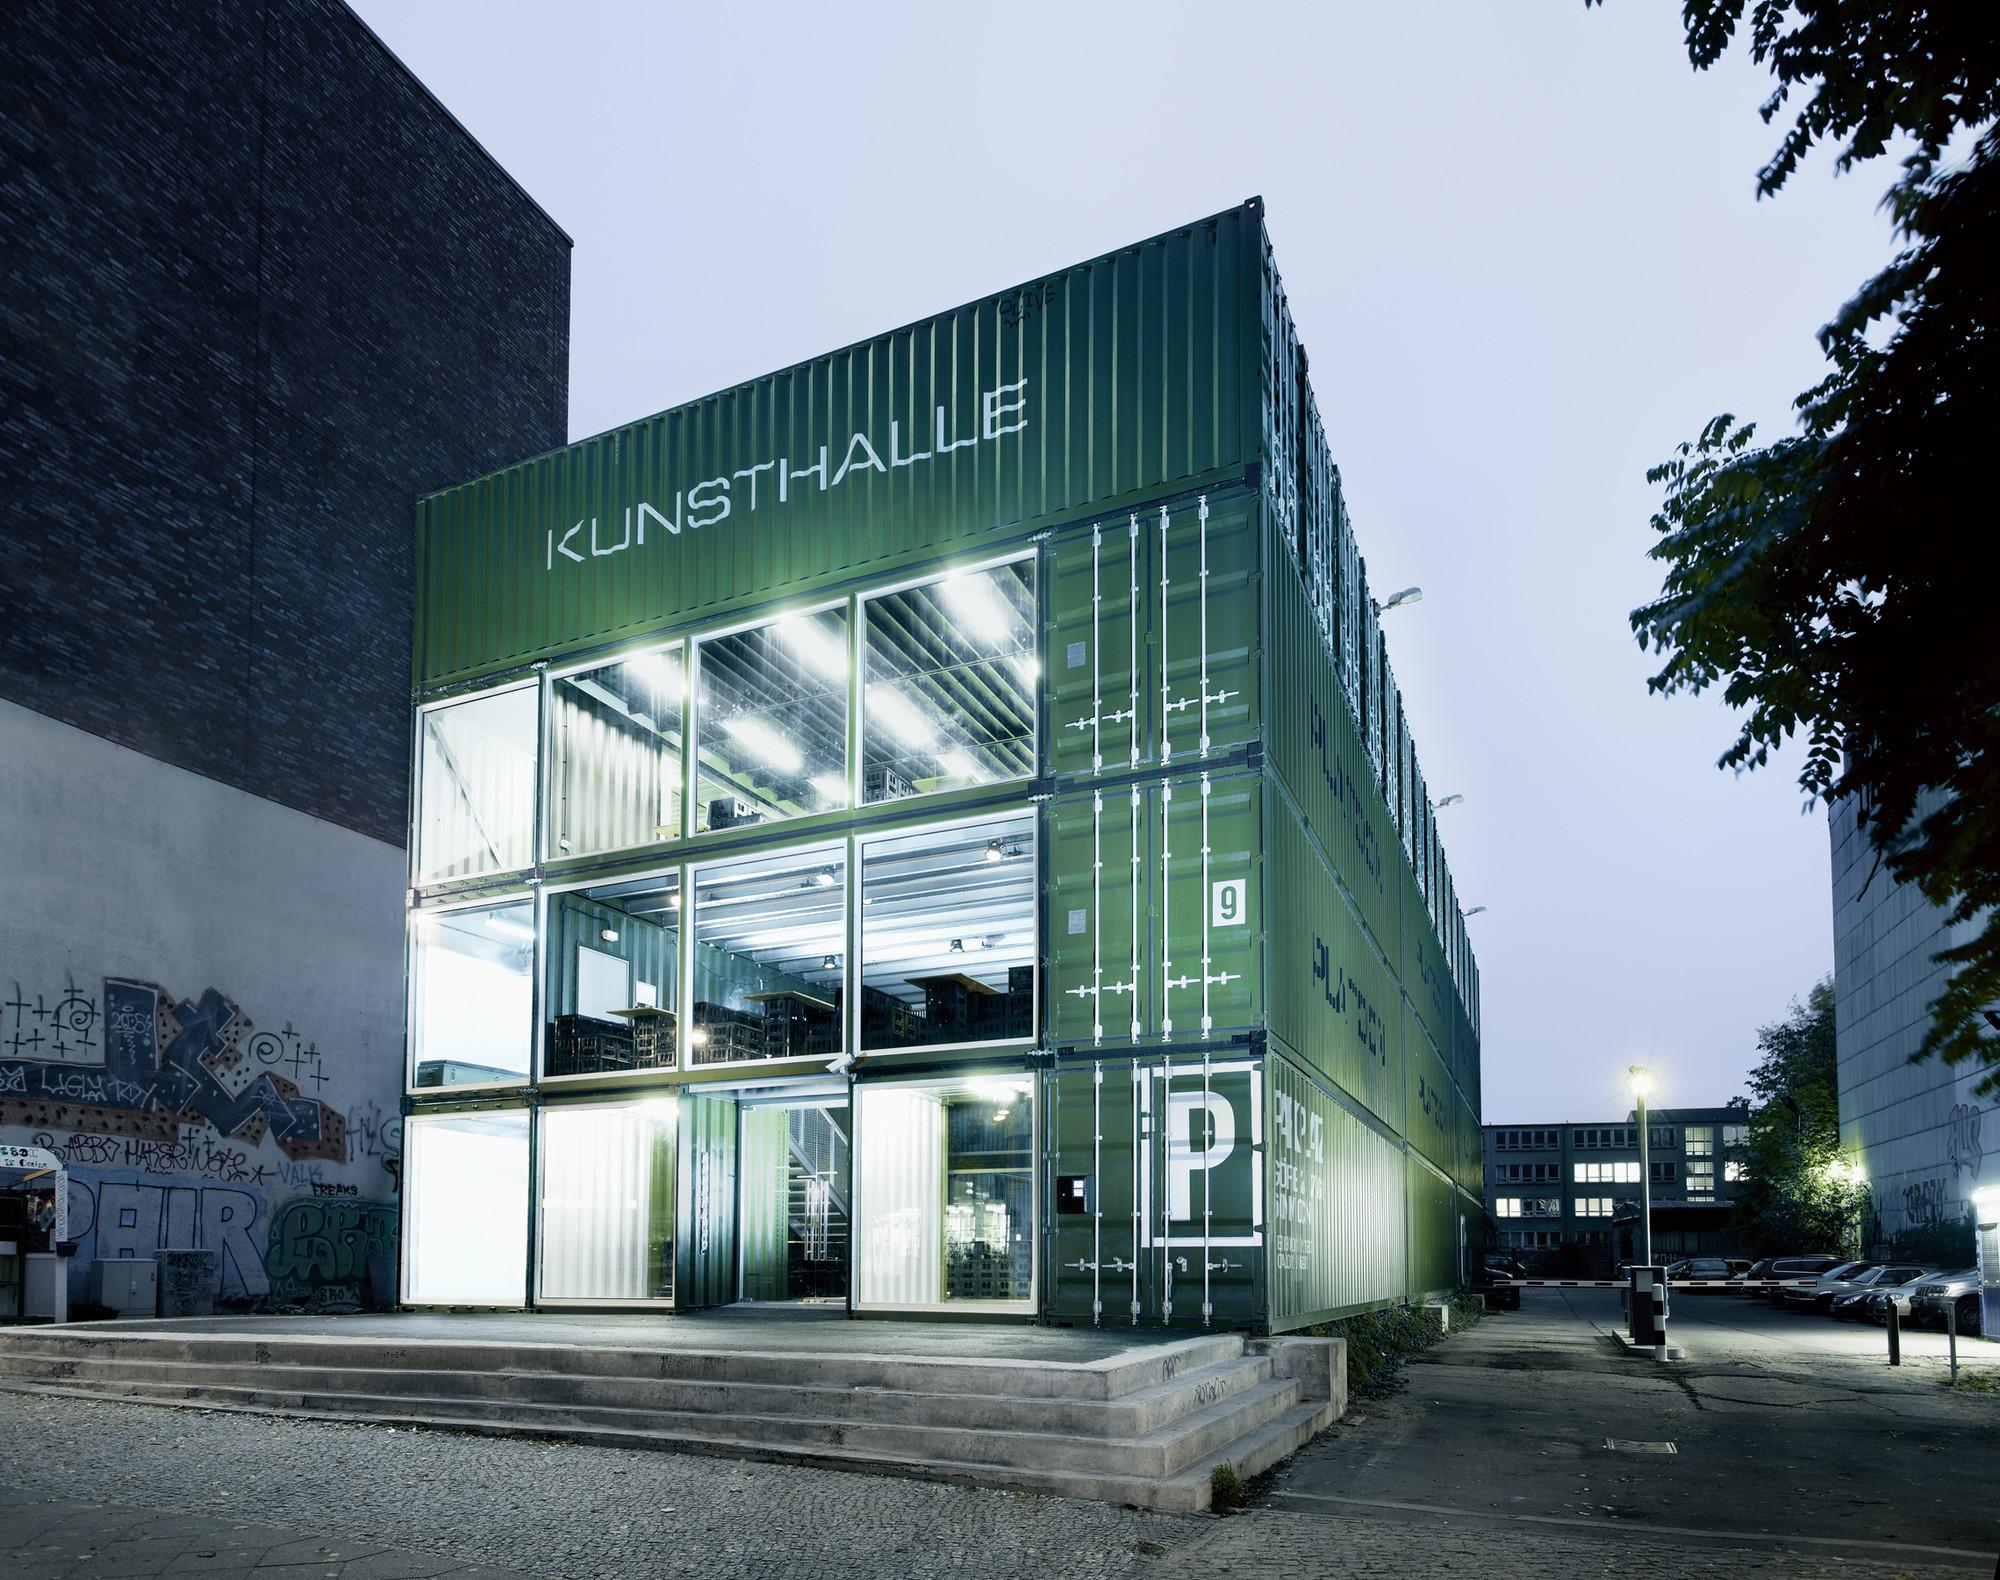 Platton Kunsthalle